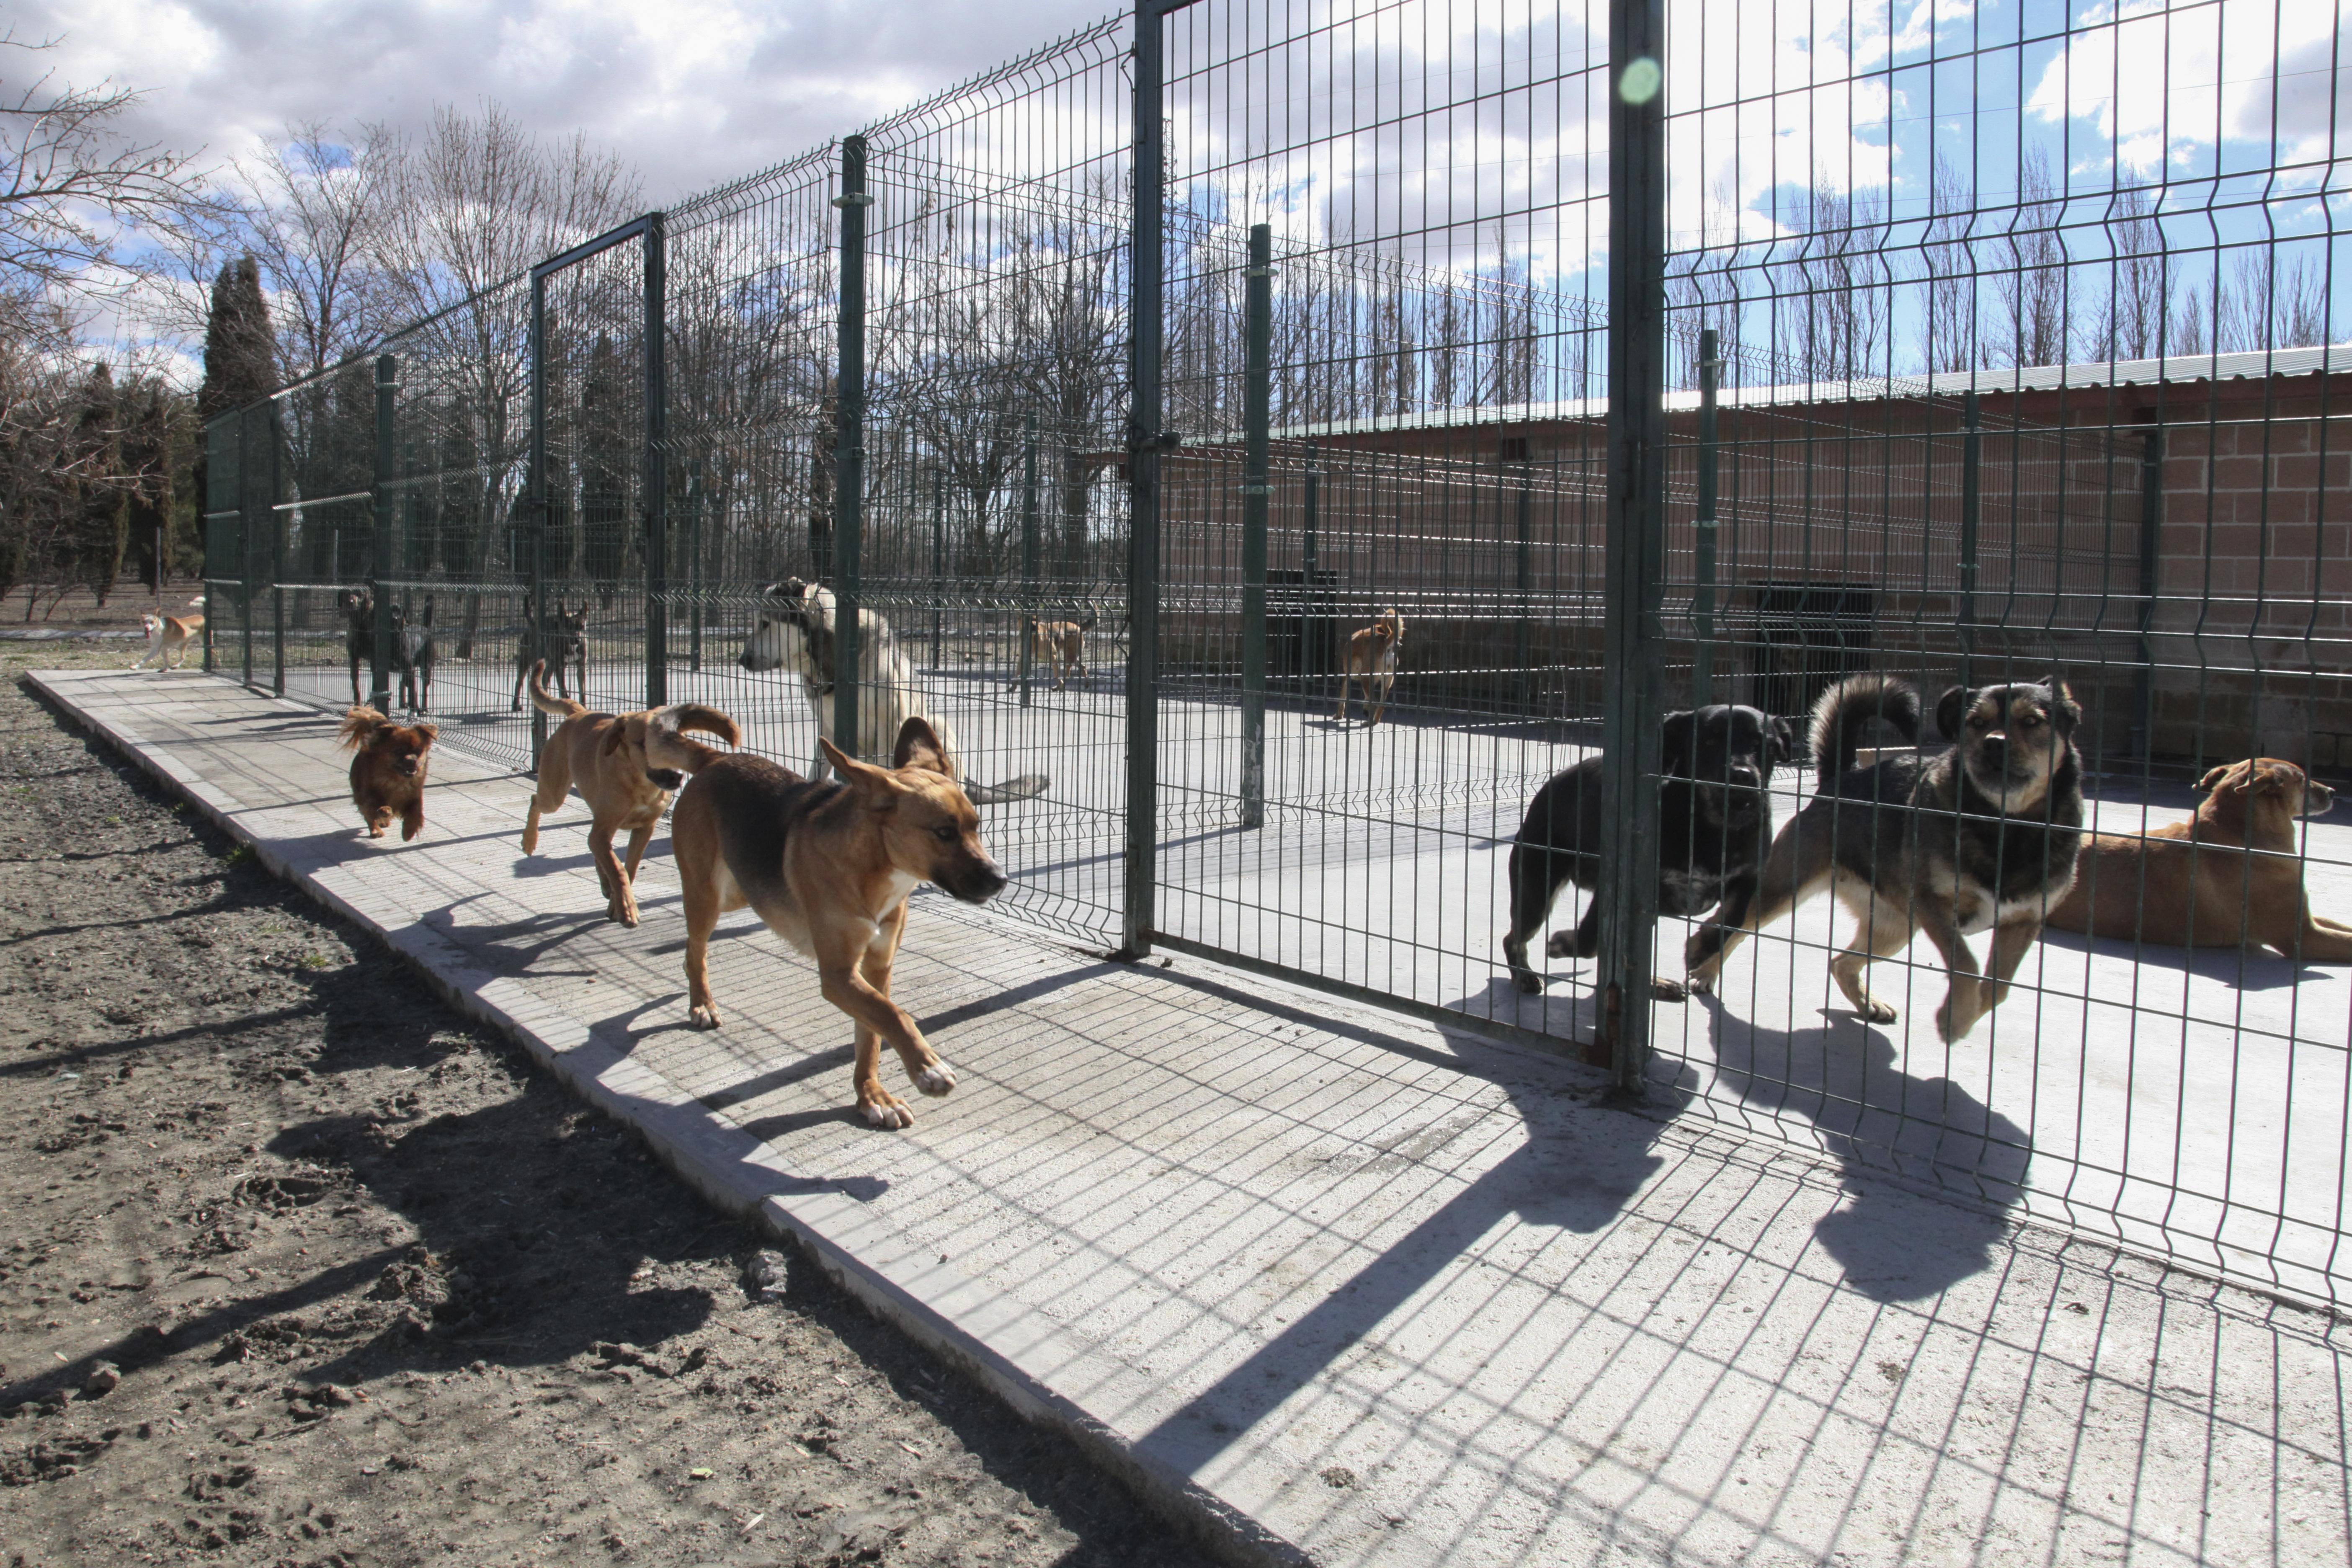 ÉXITO DE PARTICIPACIÓN EN LA JORNADA DE PUERTAS ABIERTAS DEL CENTRO DE PROTECCIÓN ANIMAL